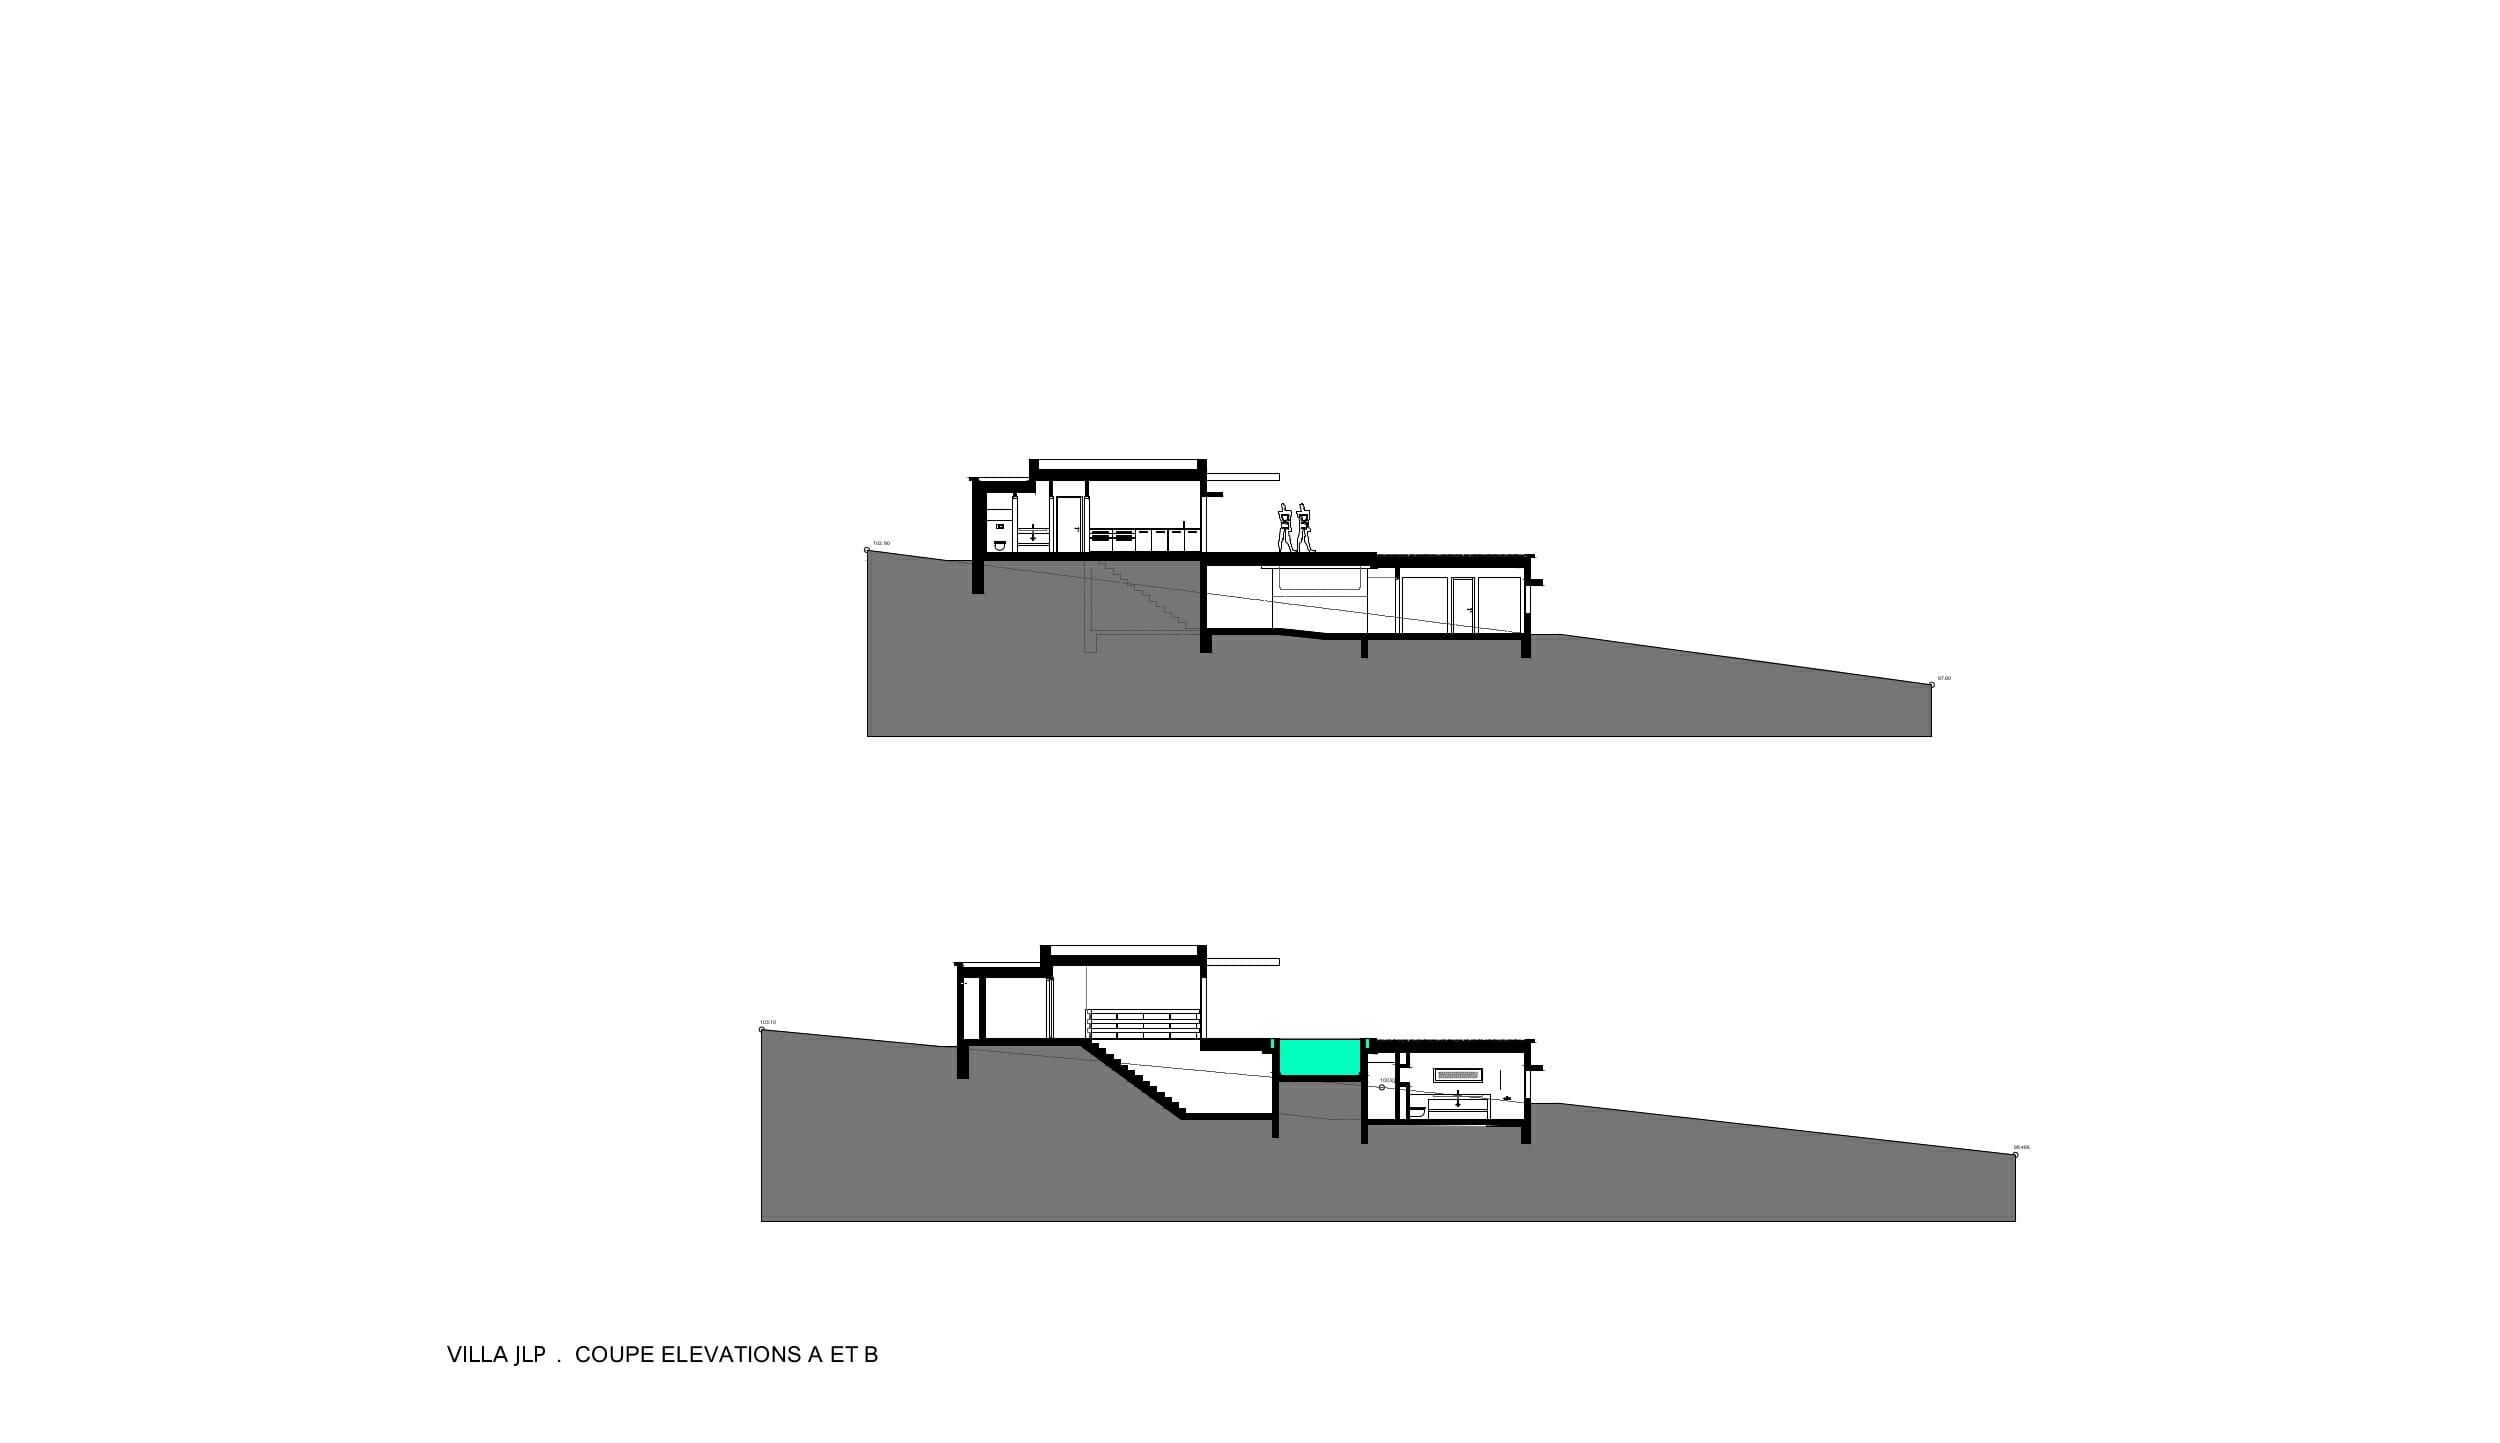 PIQUET.plan-03-cp-el